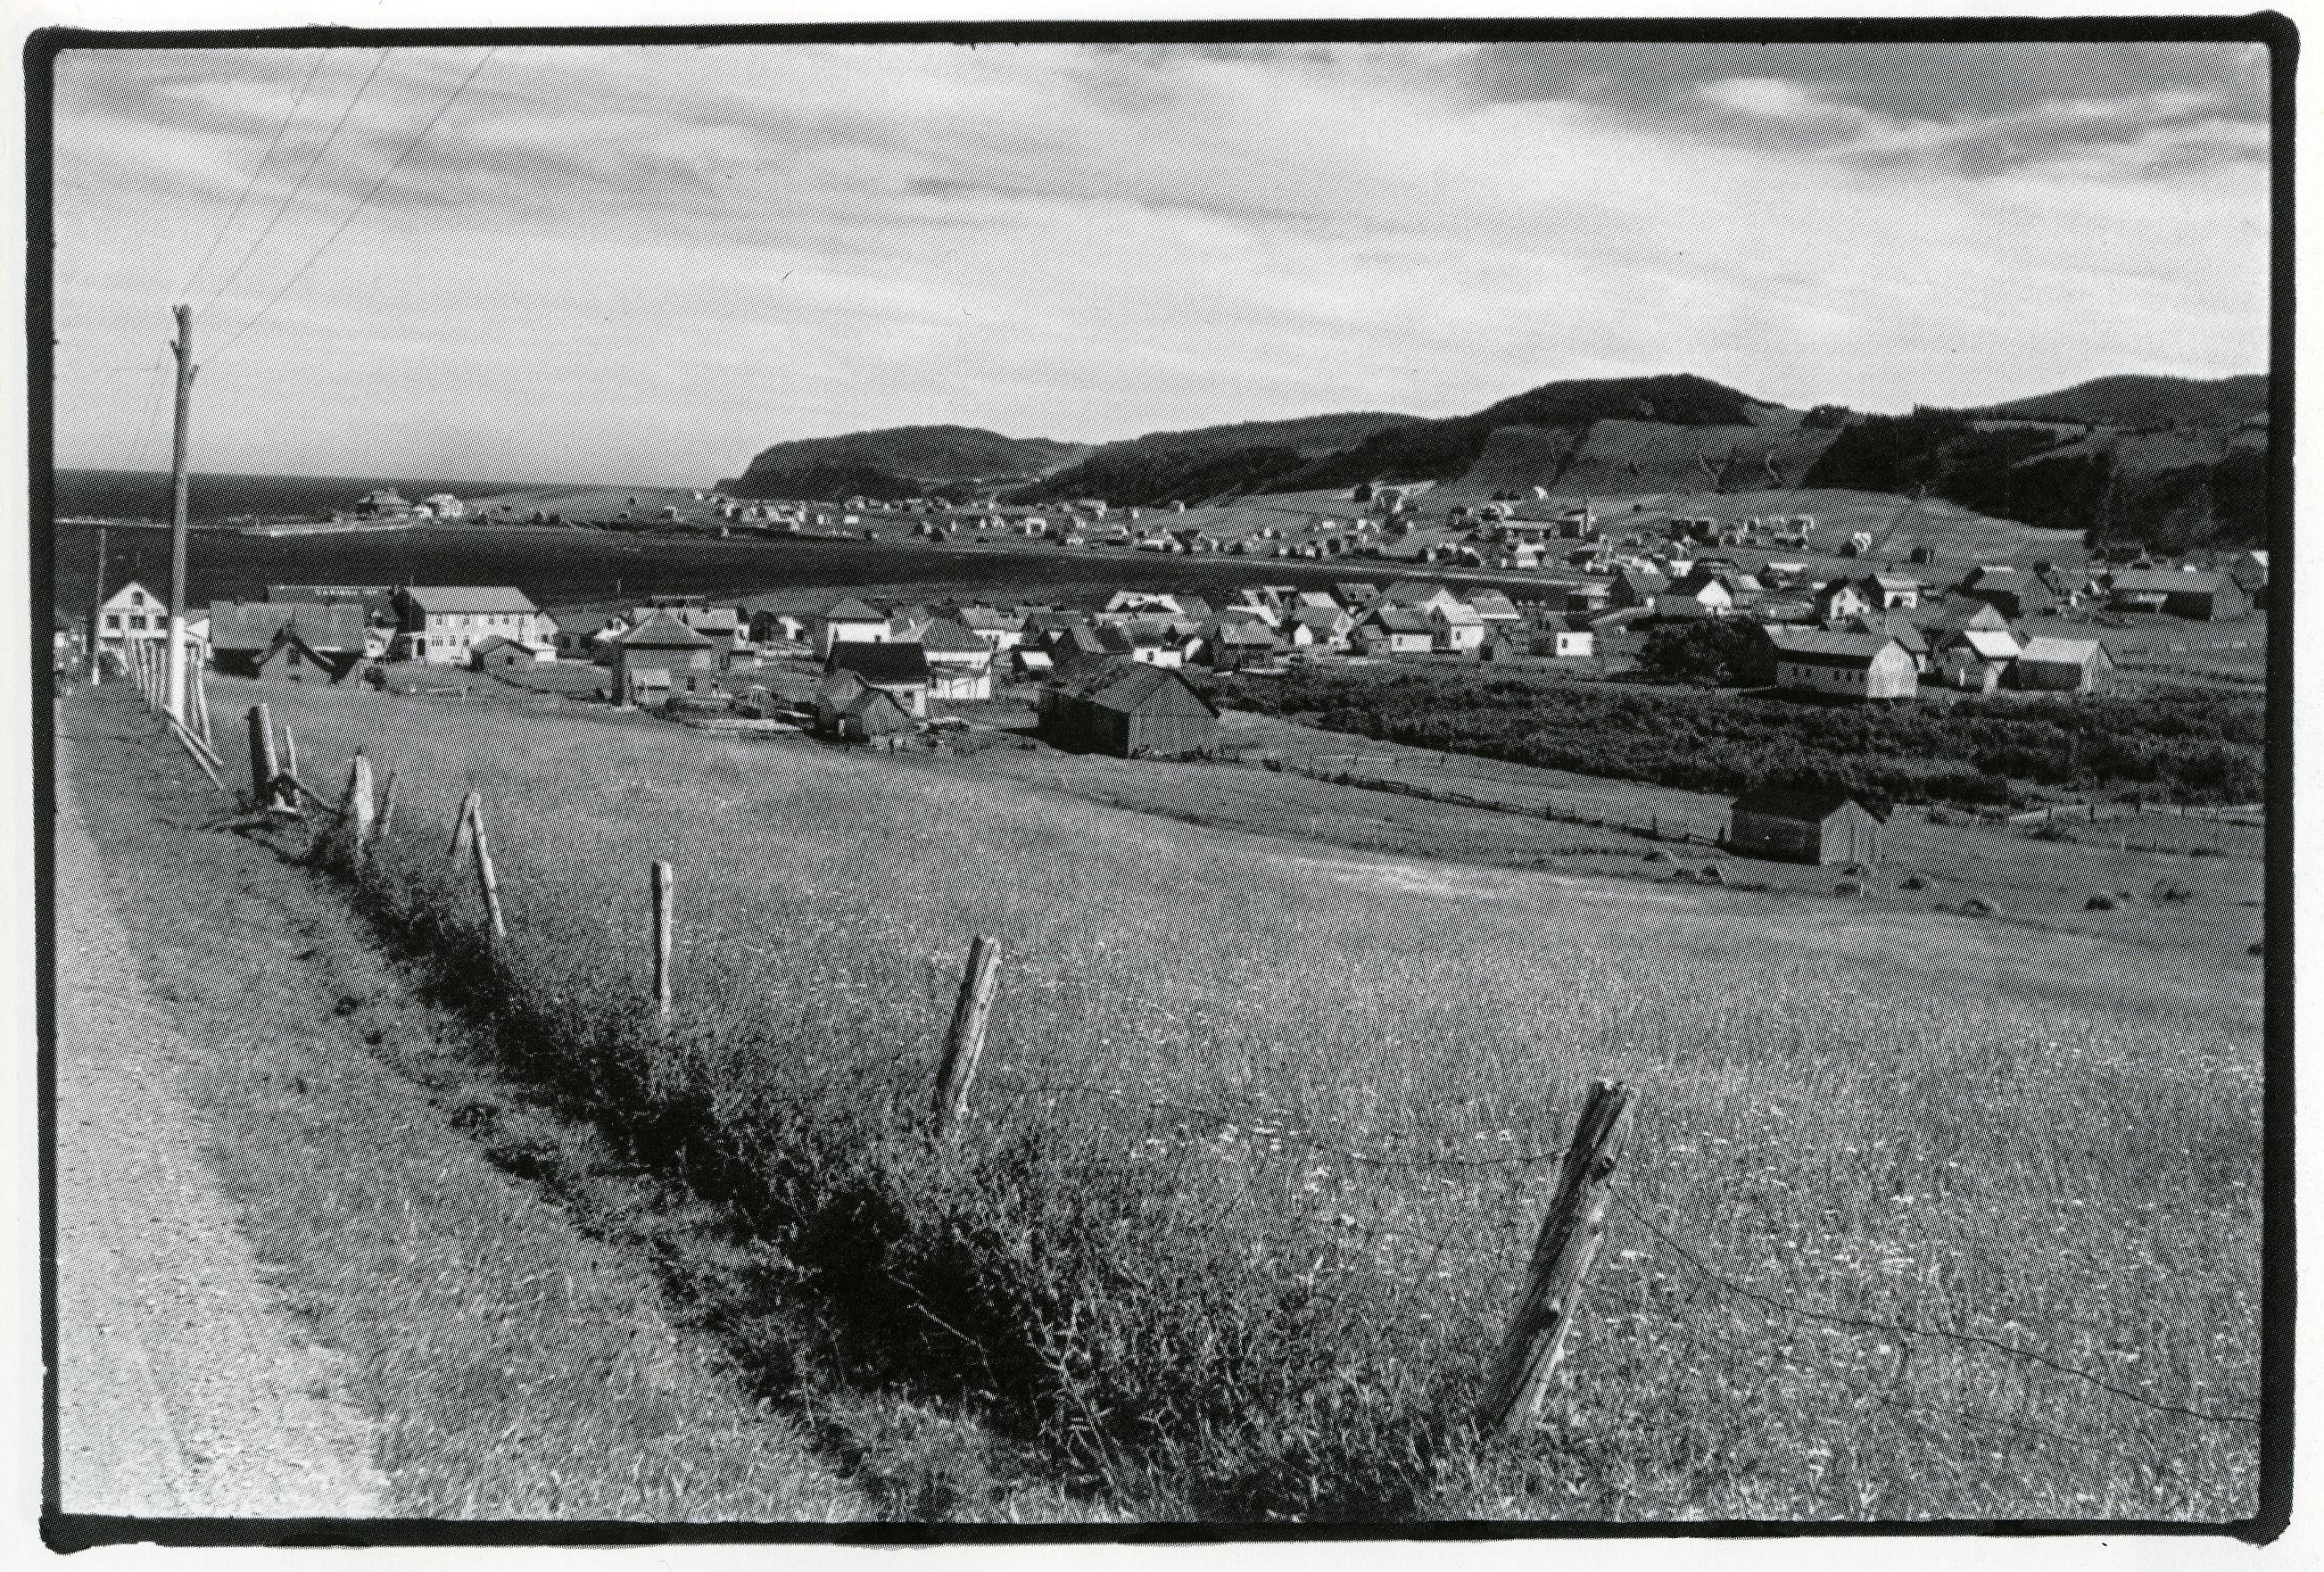 borduas_village, rivière-au-renard_pl24-p75